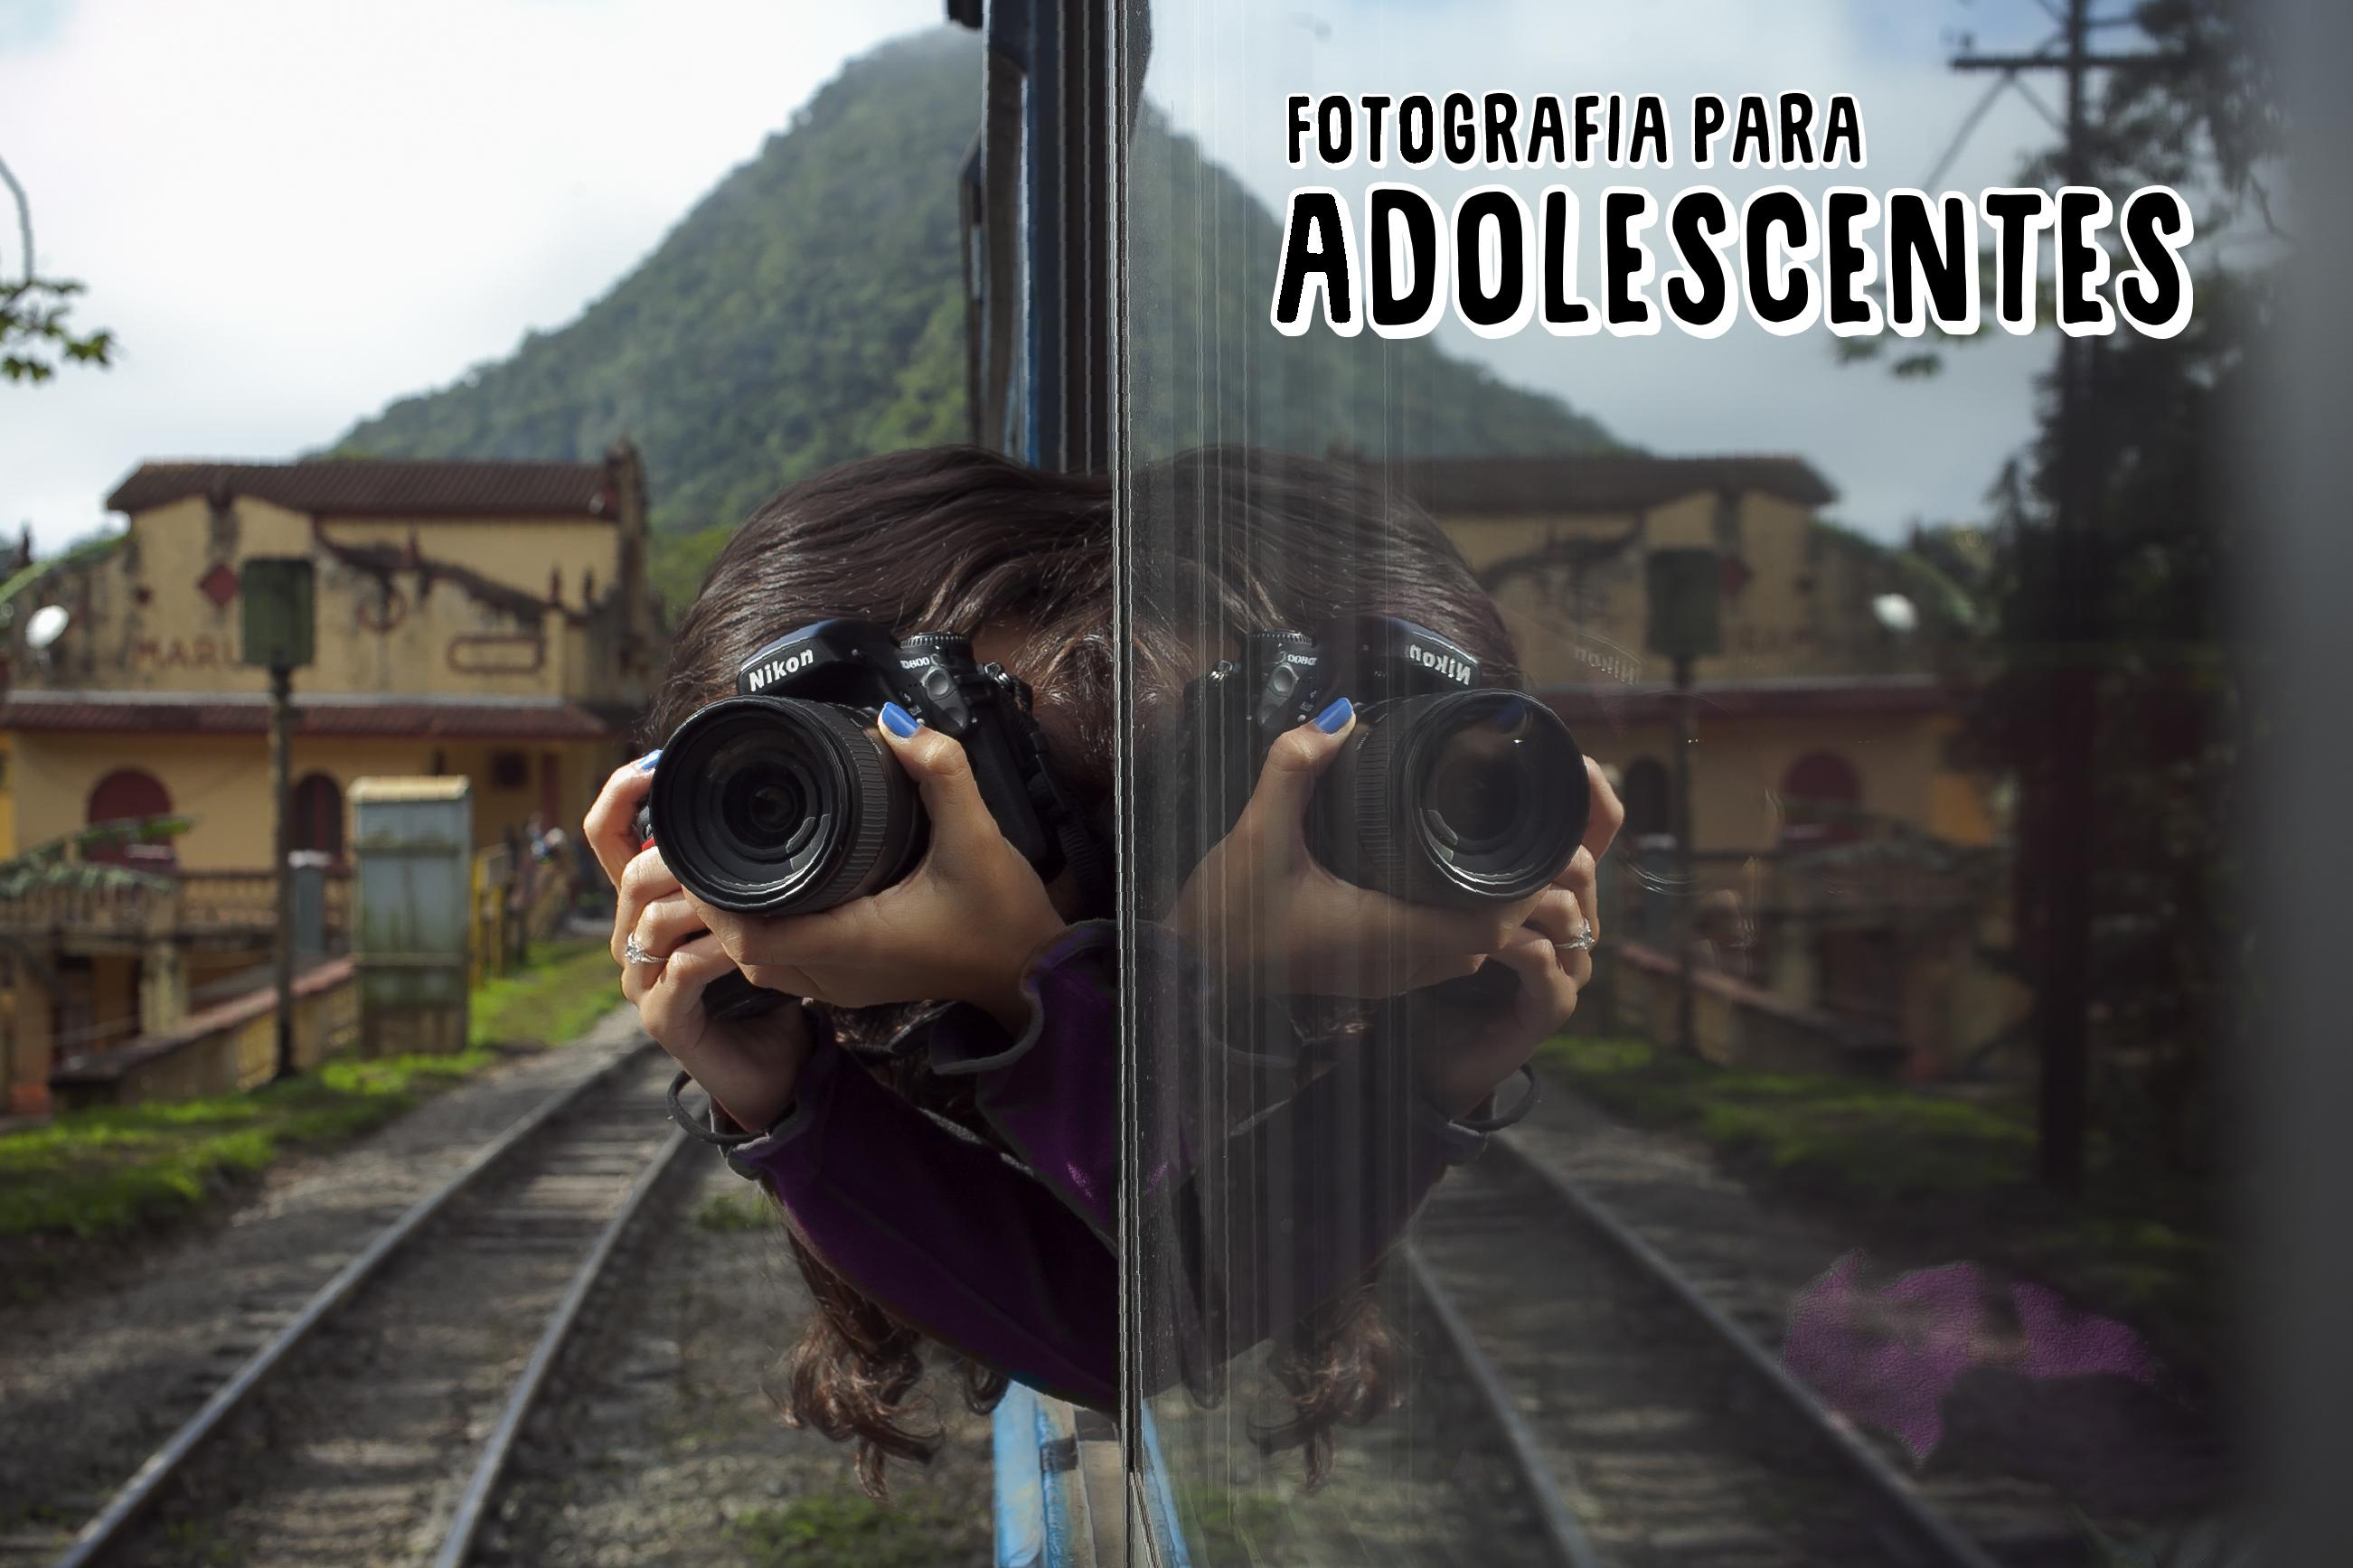 Adolescentes 2015 a 2018-115